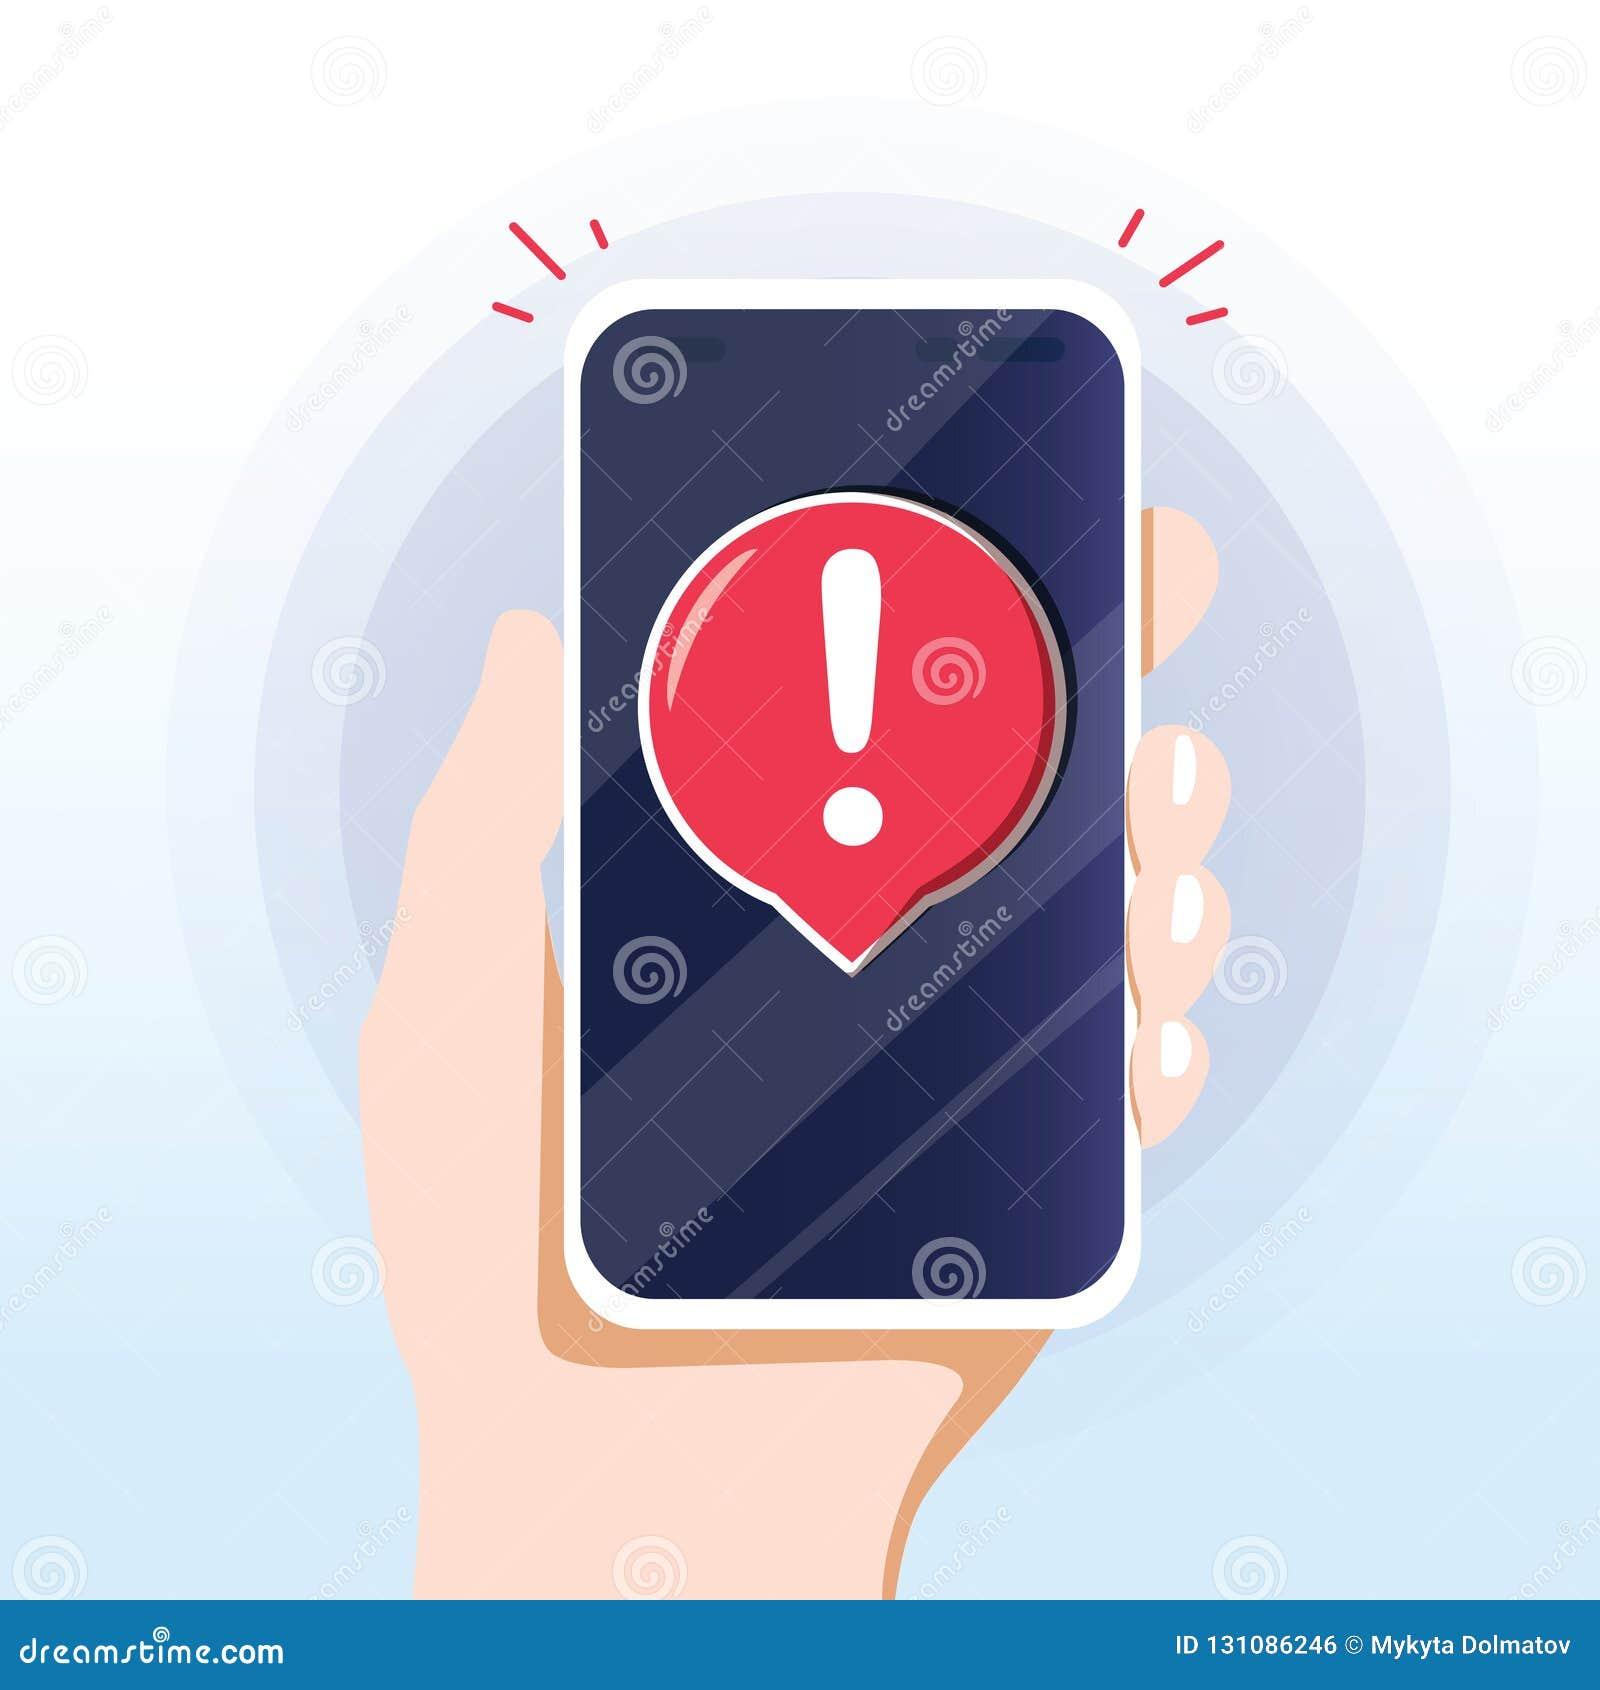 Alert message mobile notification. Danger error alerts, smartphone virus problem or insecure messaging spam problems